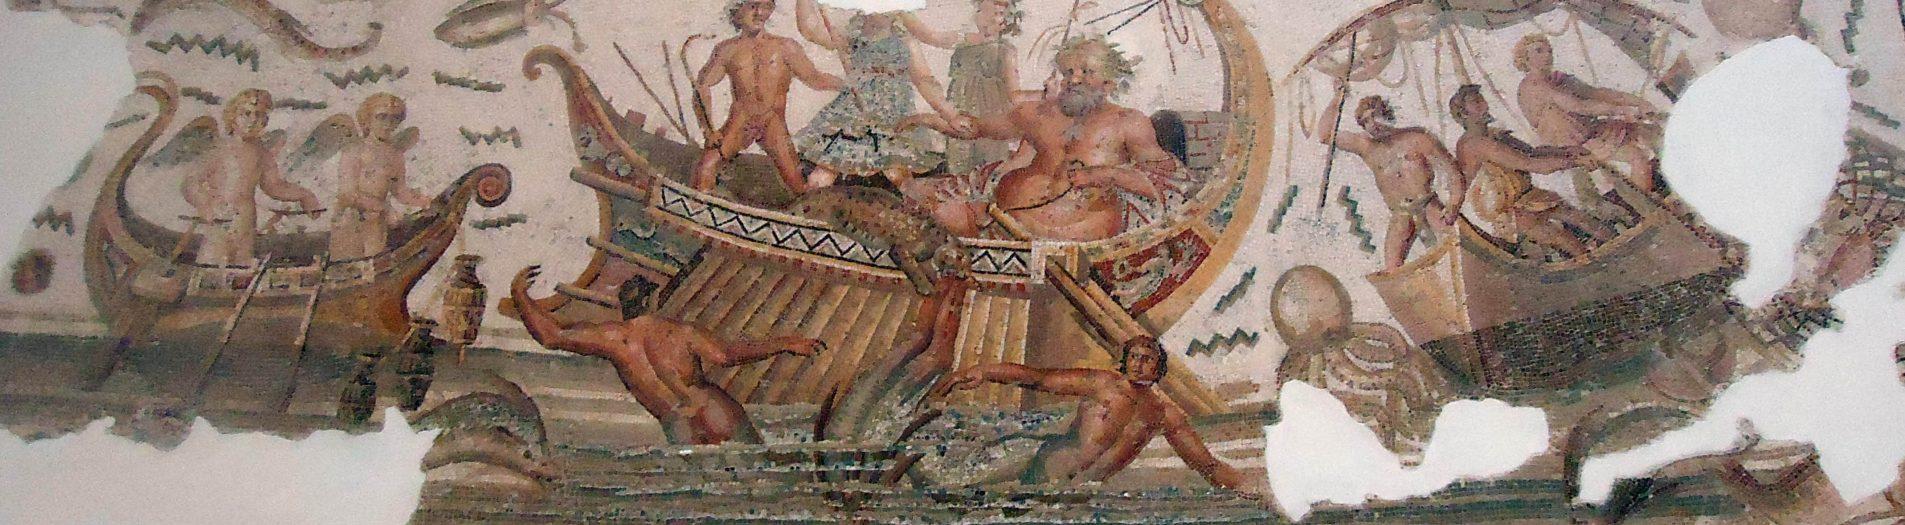 La mosaïque de Dionysos de Dougga